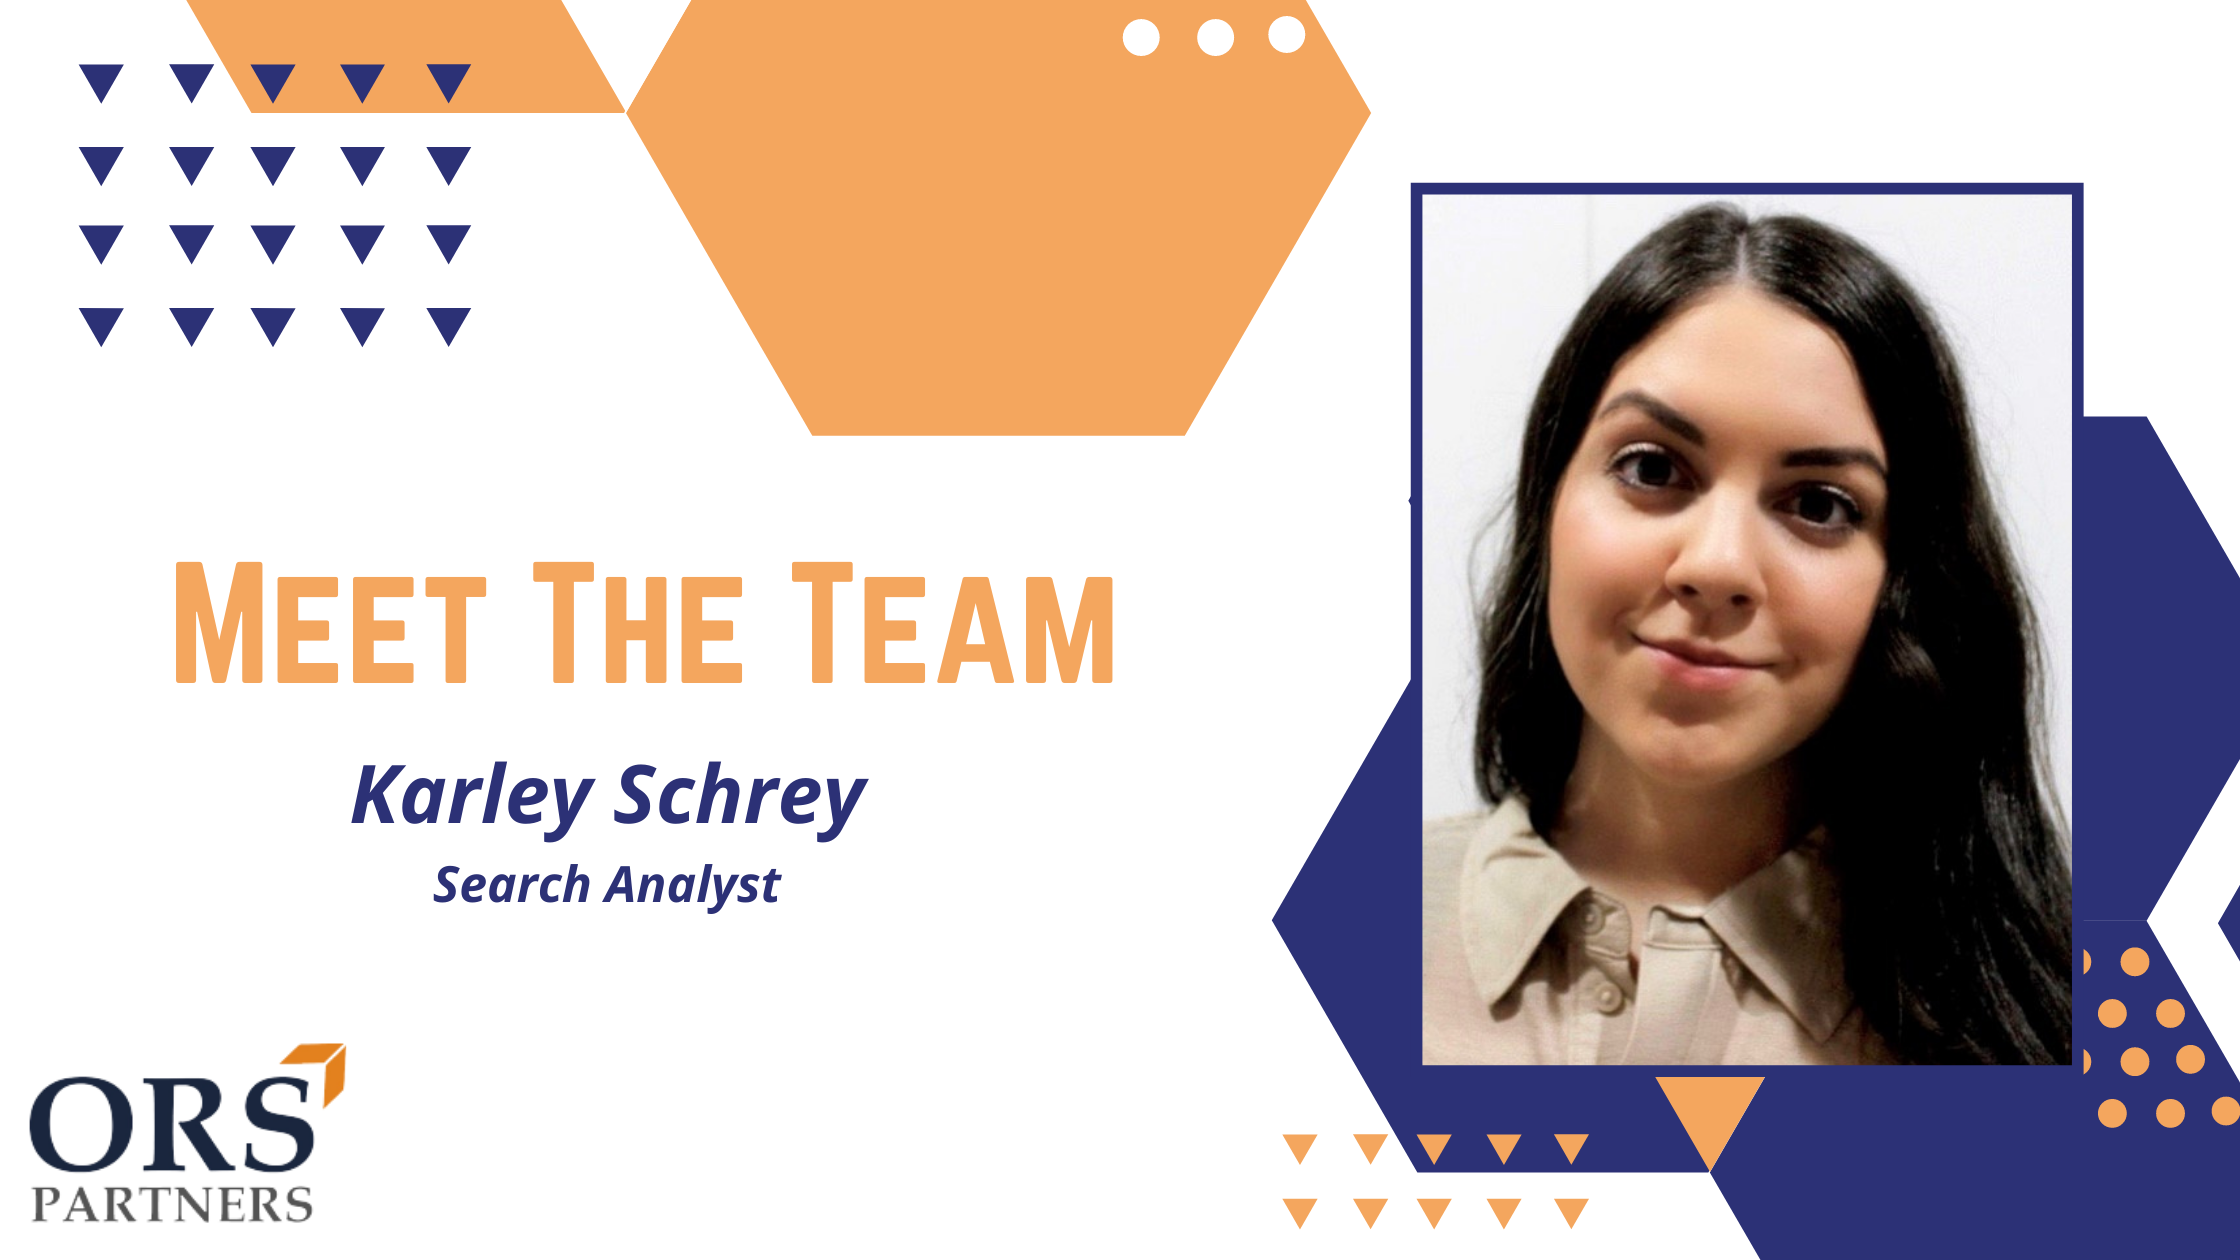 Meet the Team: Karley Schrey